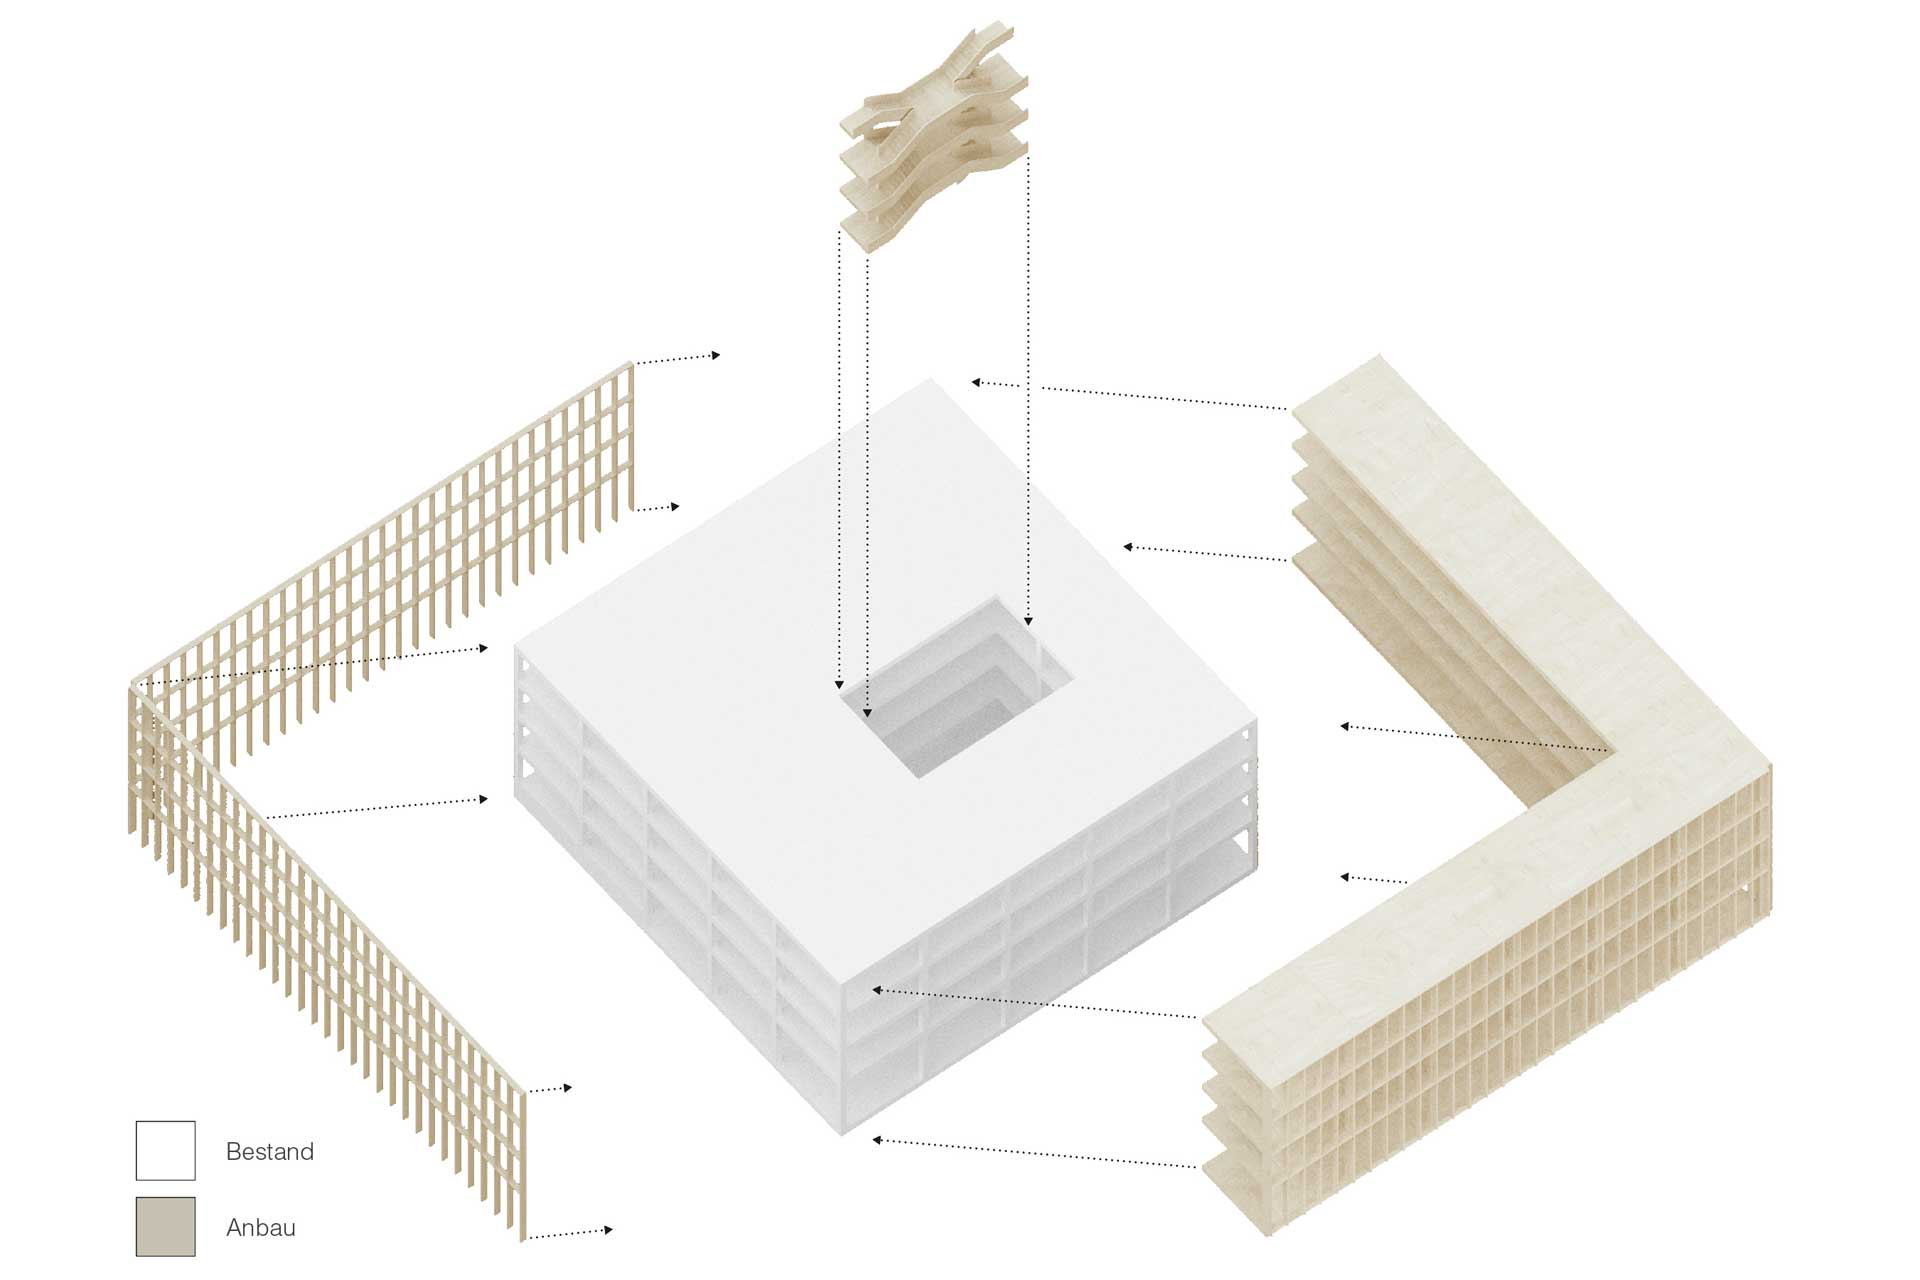 Diagramm zum Thema Weiterbauen, Rathaus Laupheim